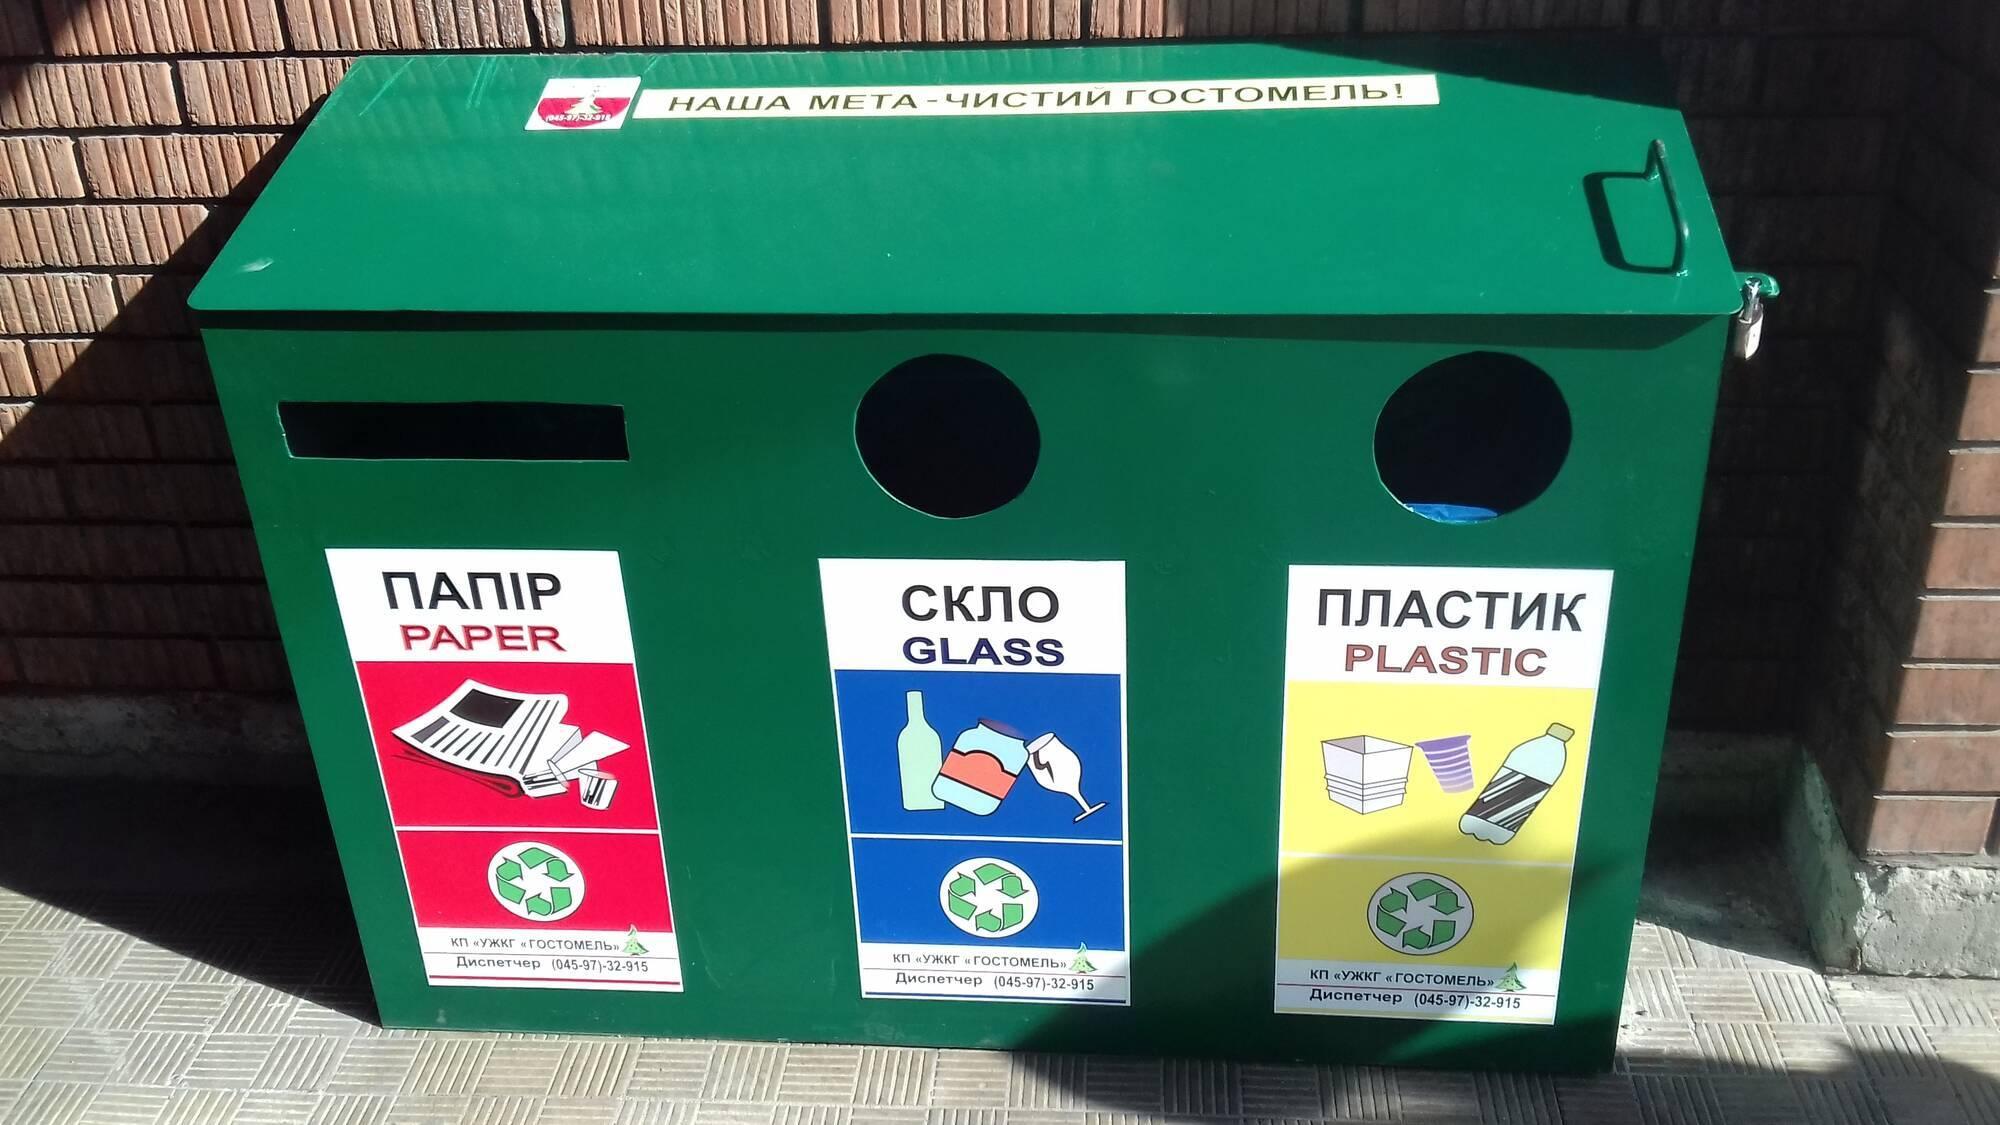 Контейнеры для мусора разделены для бумаги, стекла и пластика